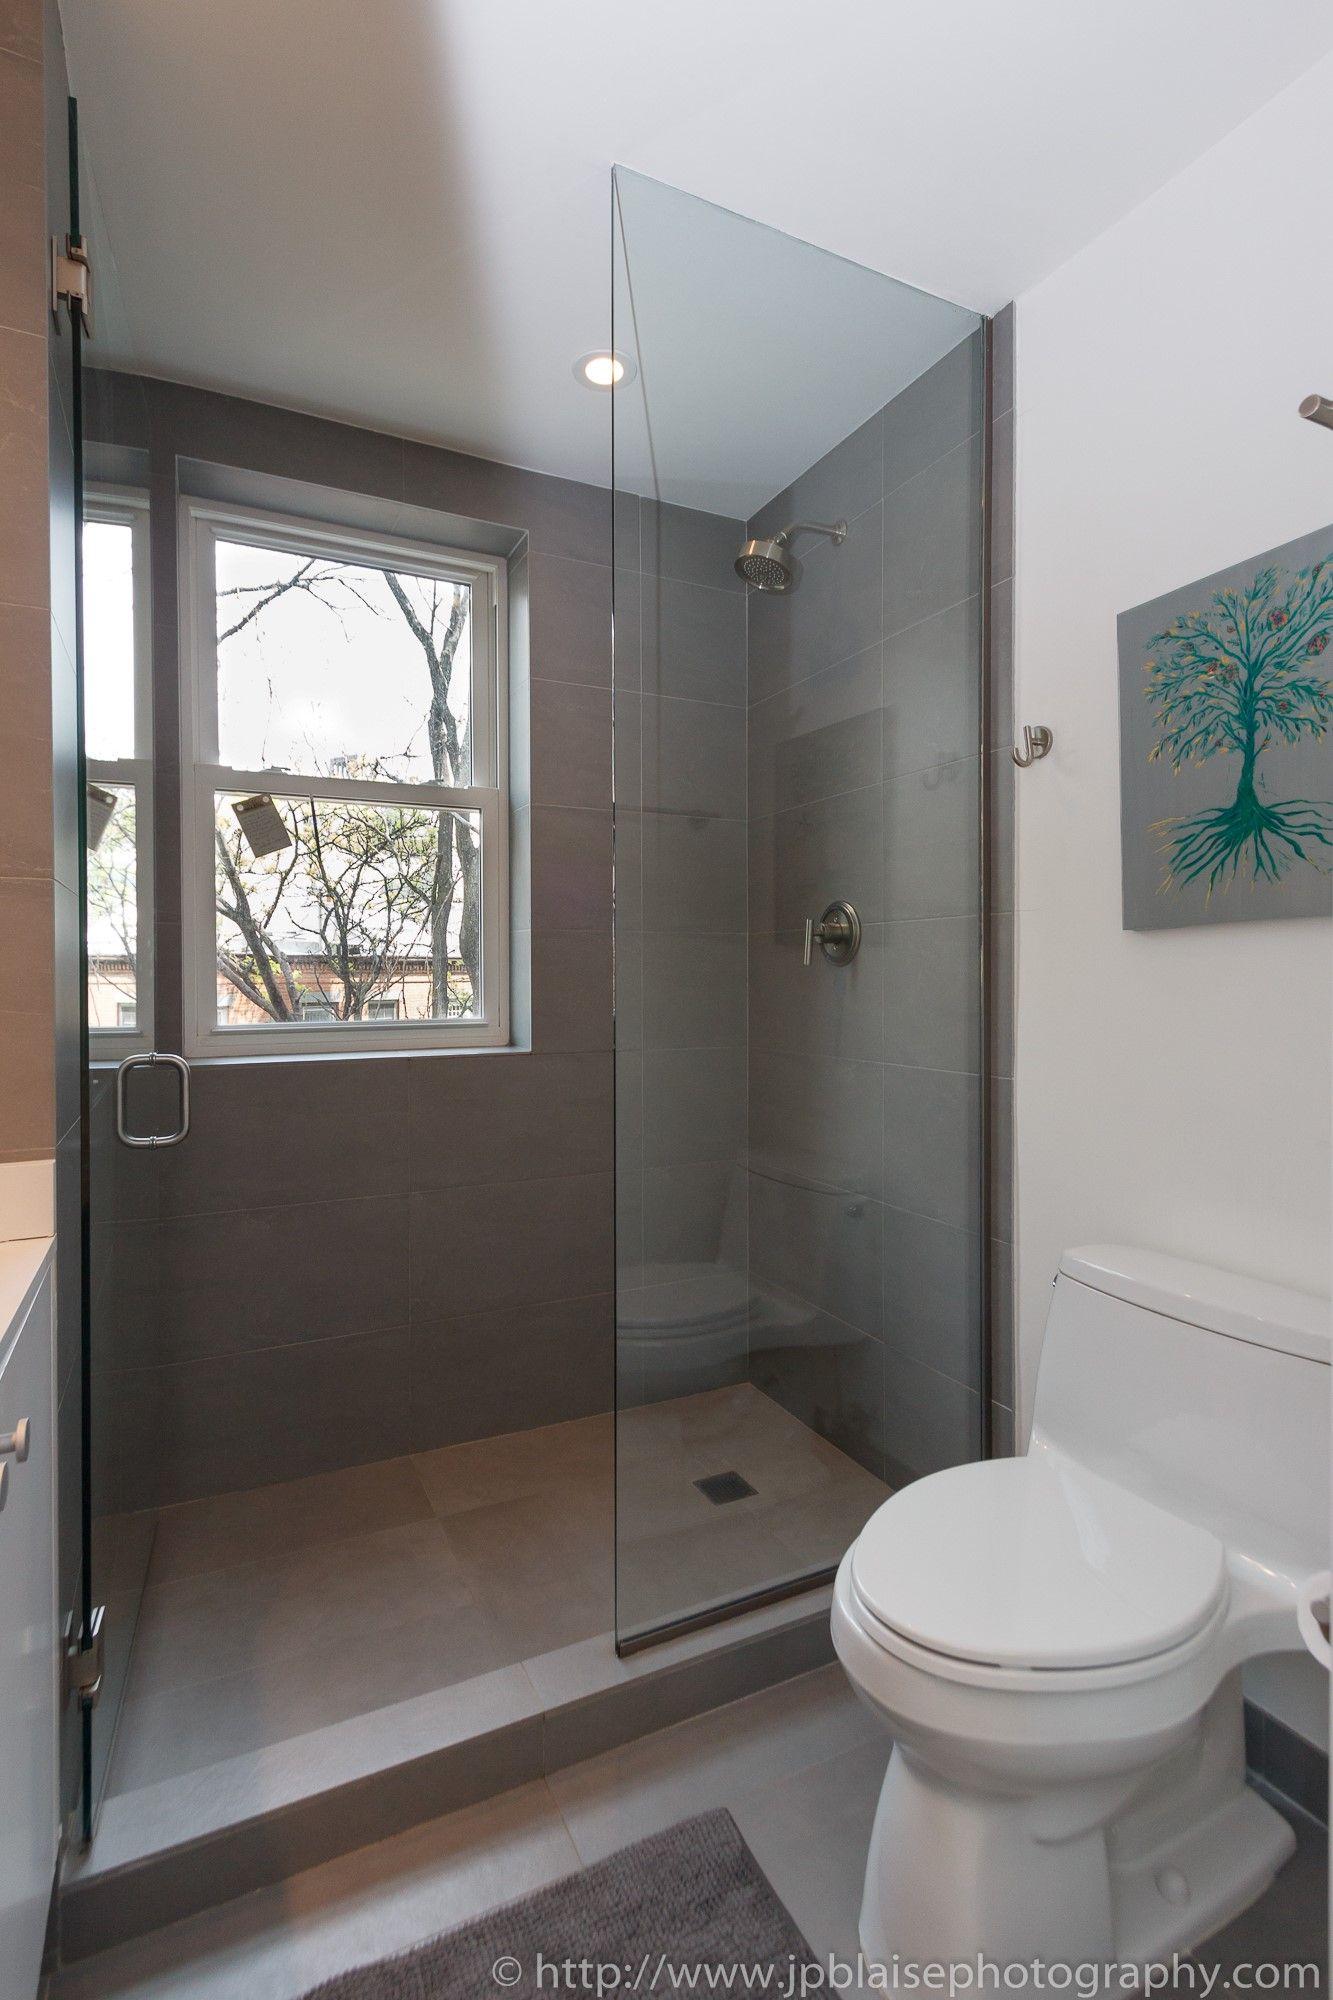 Blog JP Blaise Photography Apartment bathroom, One